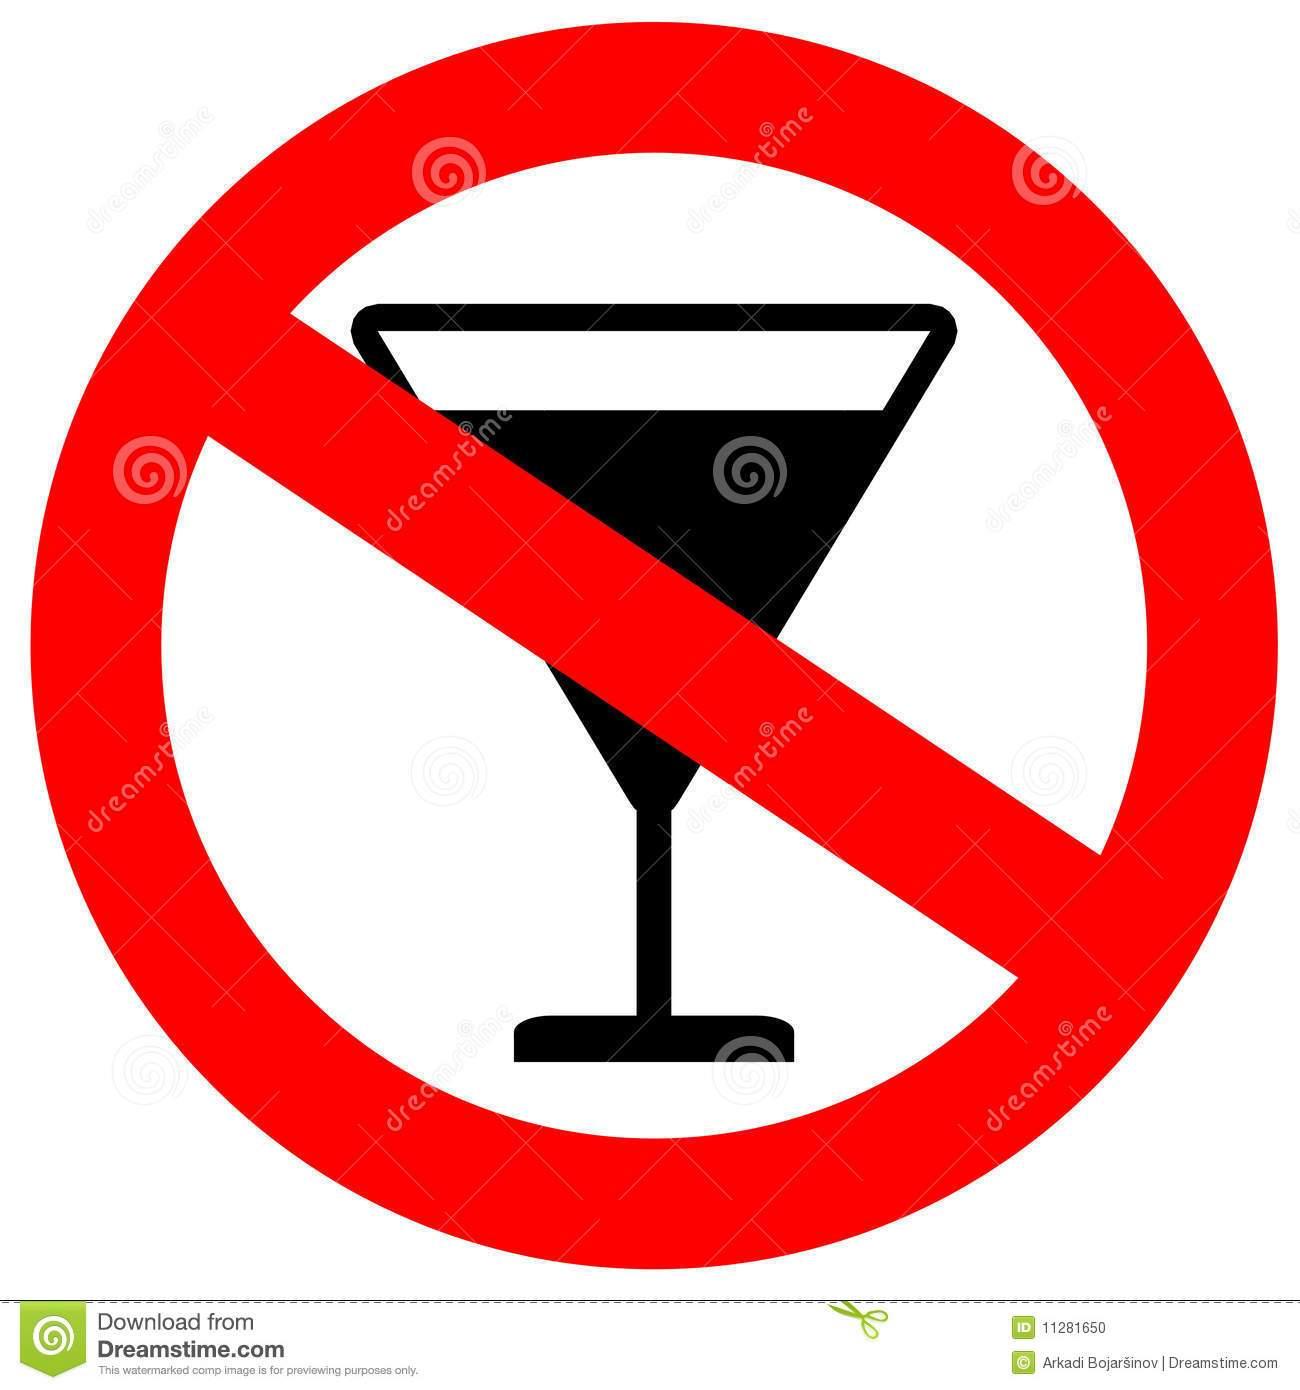 No alcohol sign clipart 7 » Clipart Portal.